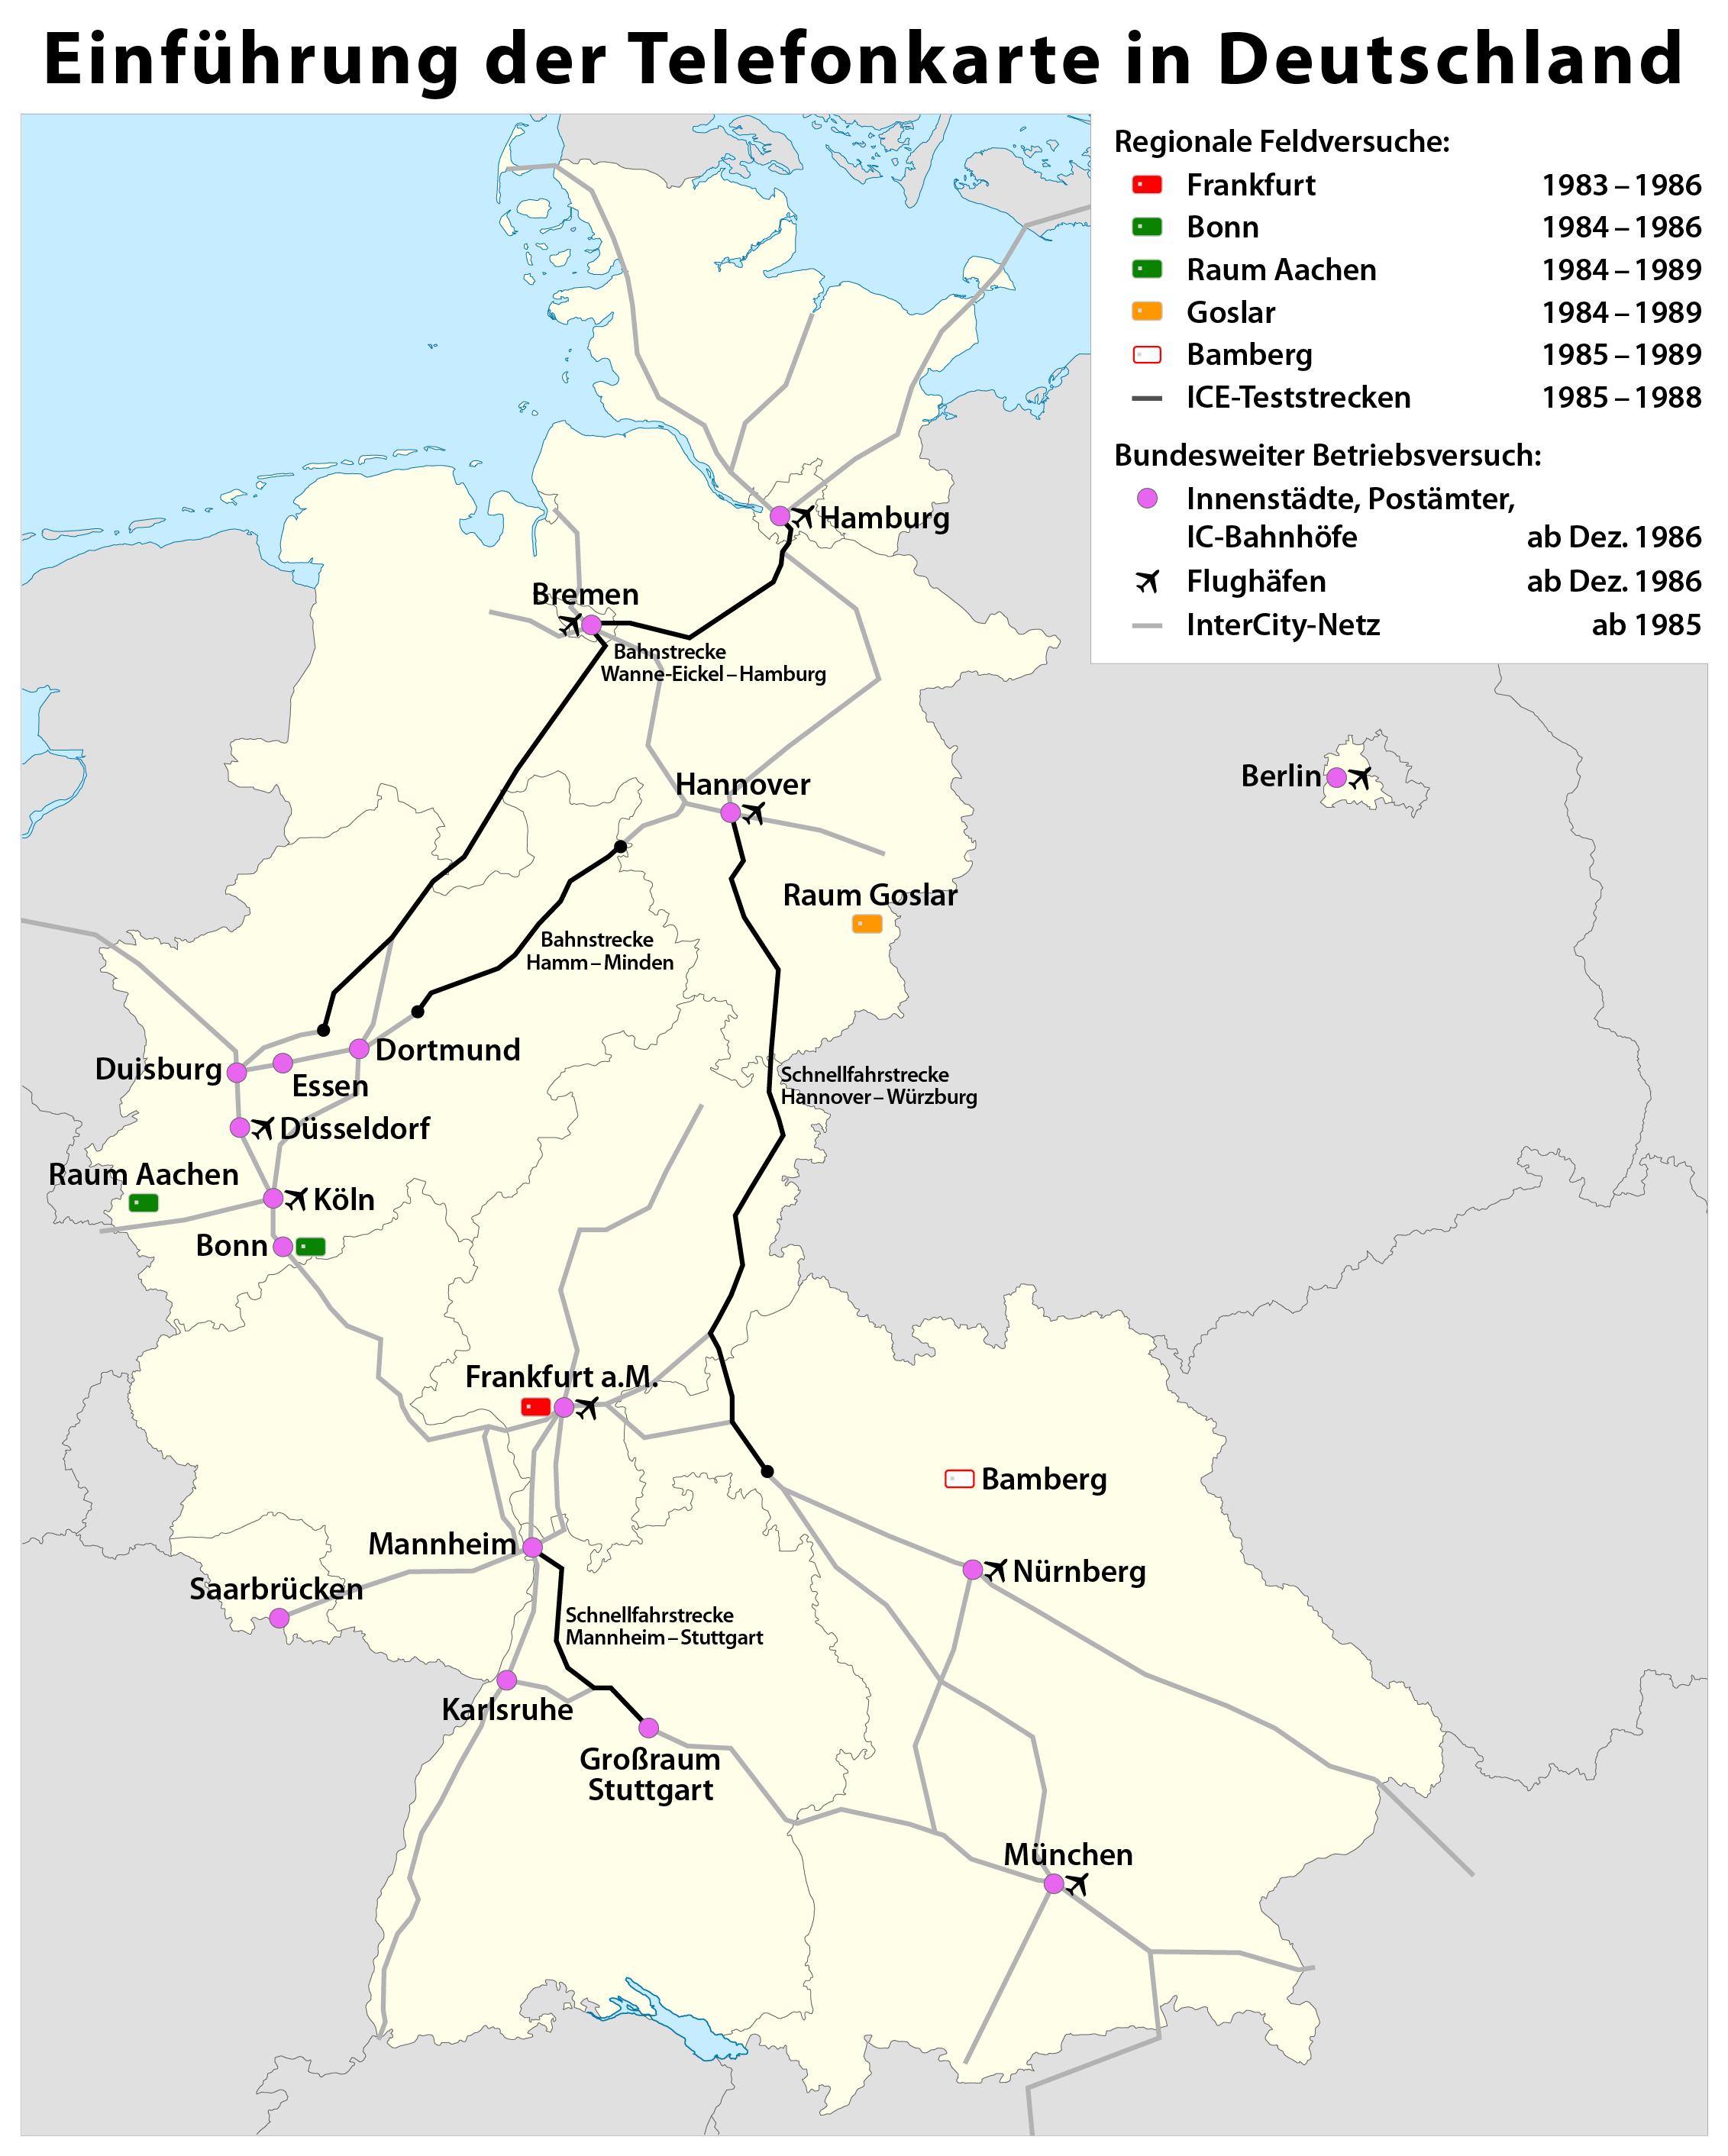 File:Karte zur Einführung der Telefonkarte in Deutschland.png ... - Bonn Karte Deutschland